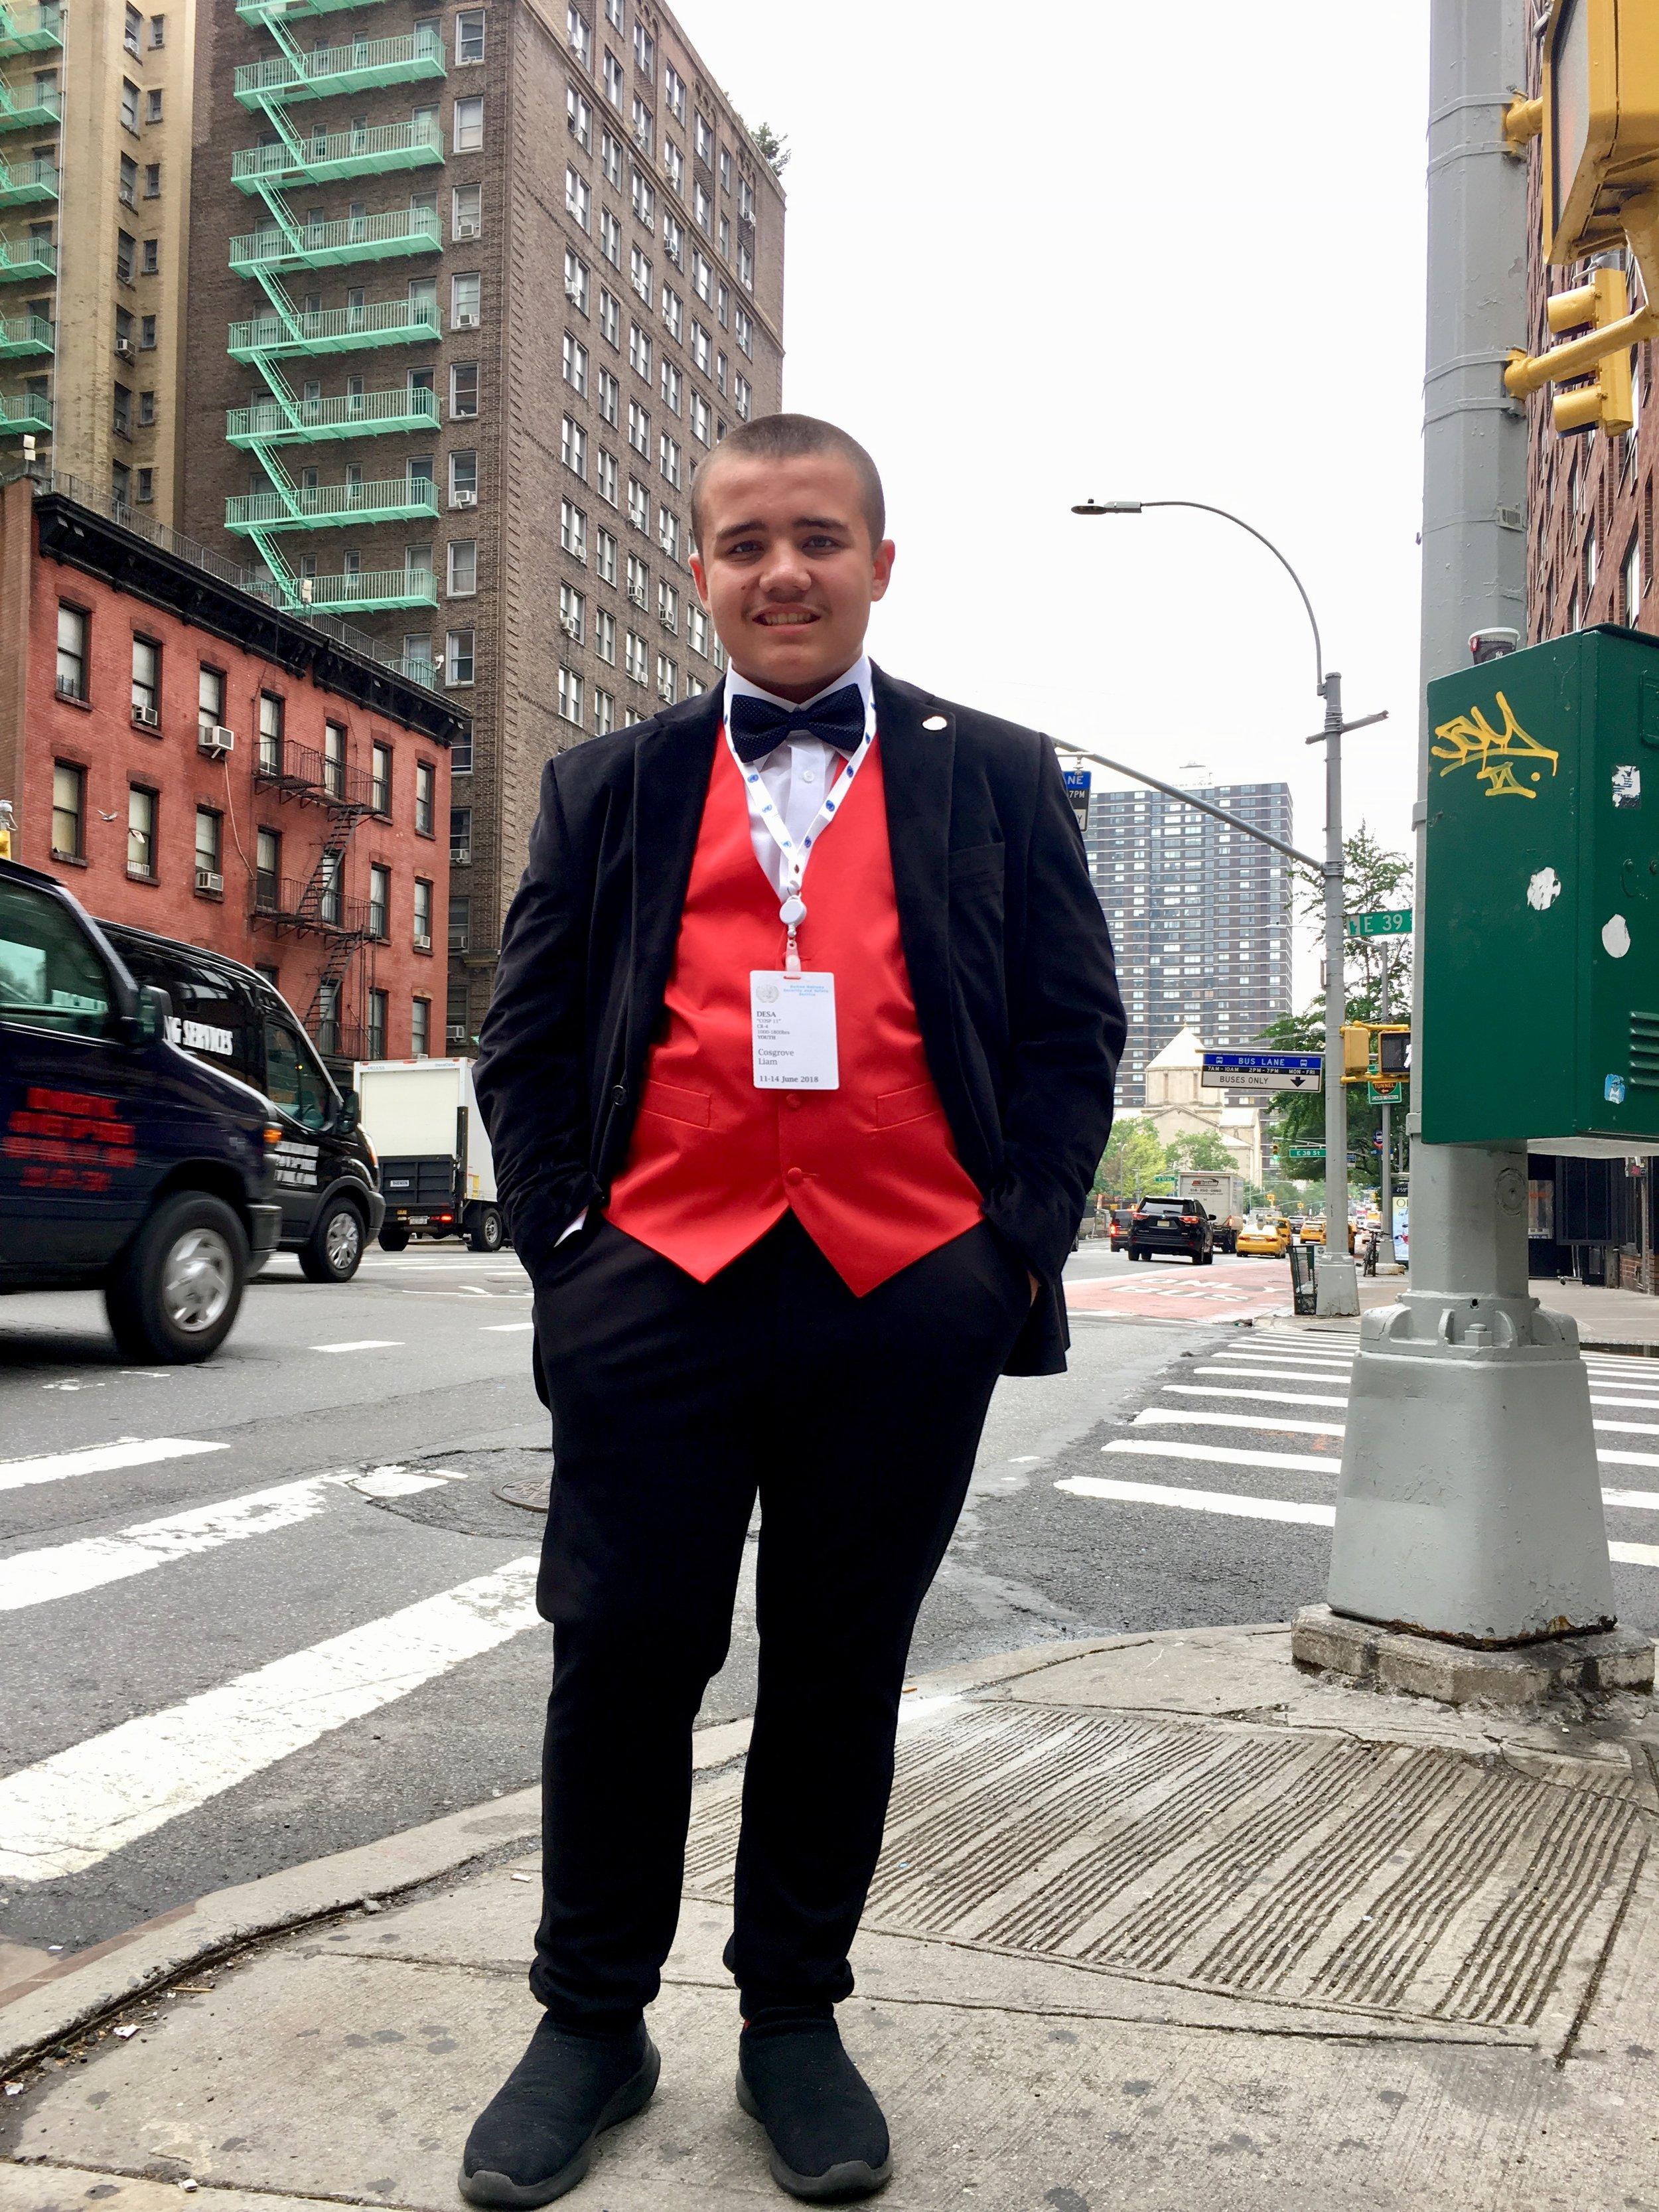 Liam à Manhattan